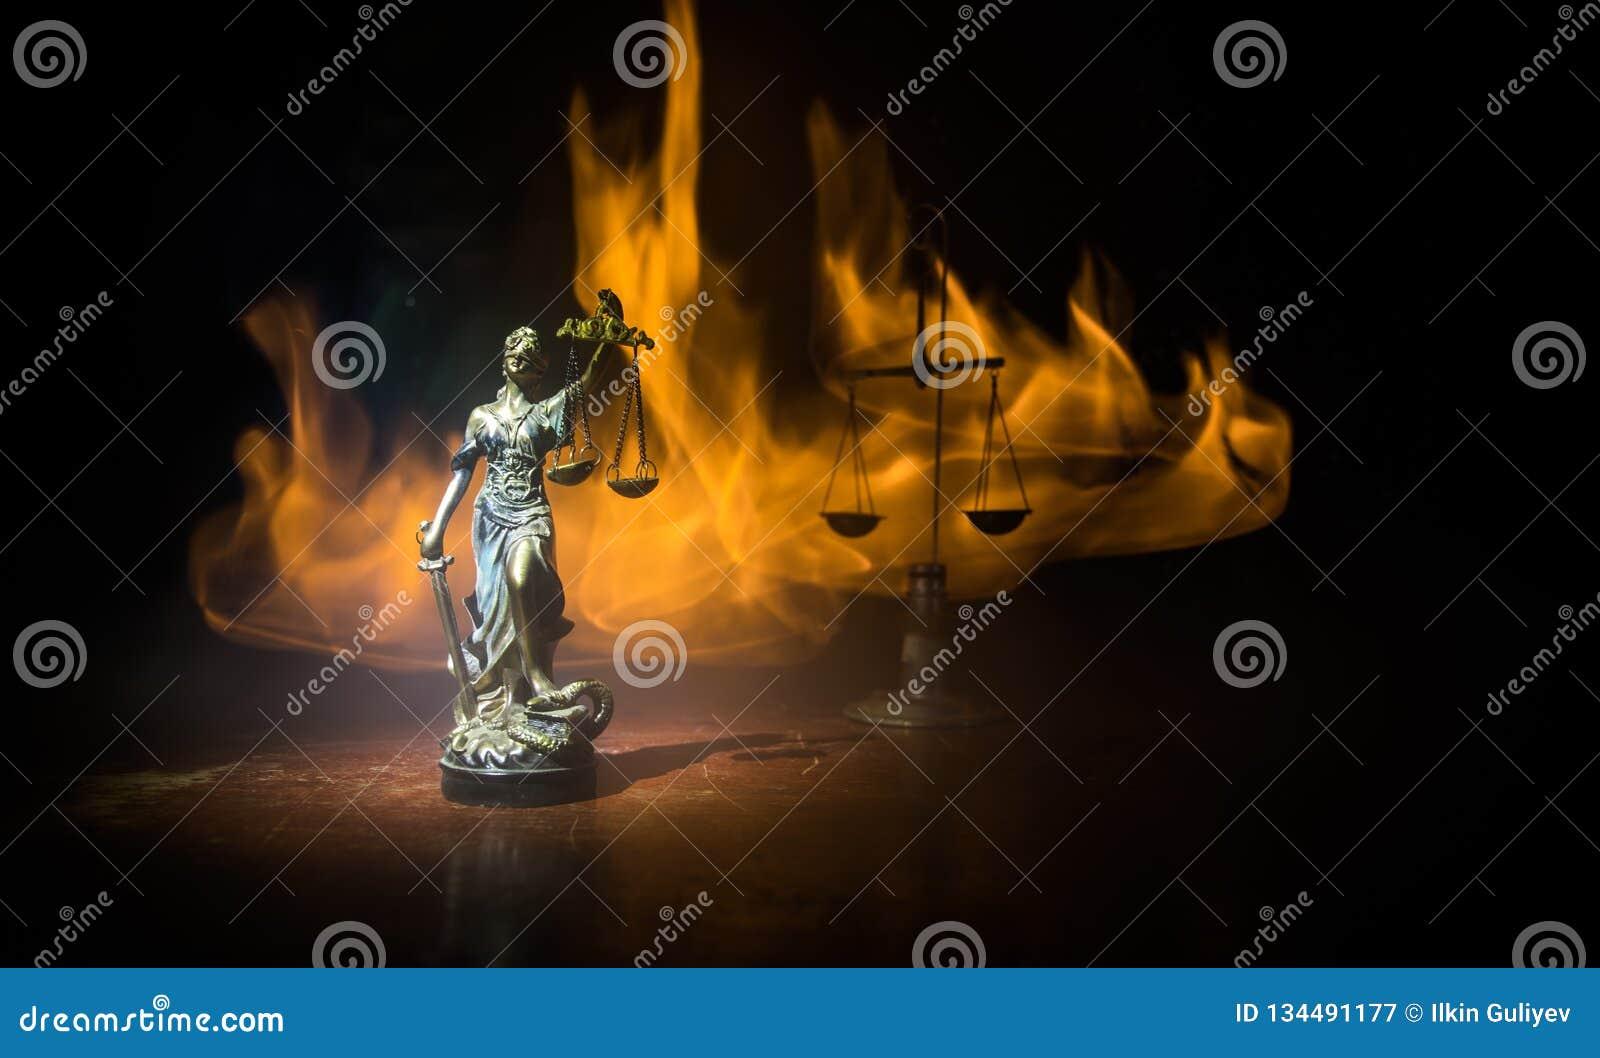 Το άγαλμα της δικαιοσύνης - γυναικείο δικαιοσύνη ή Iustitia/Justitia η ρωμαϊκή θεά της δικαιοσύνης σε ένα σκοτεινό υπόβαθρο πυρκα